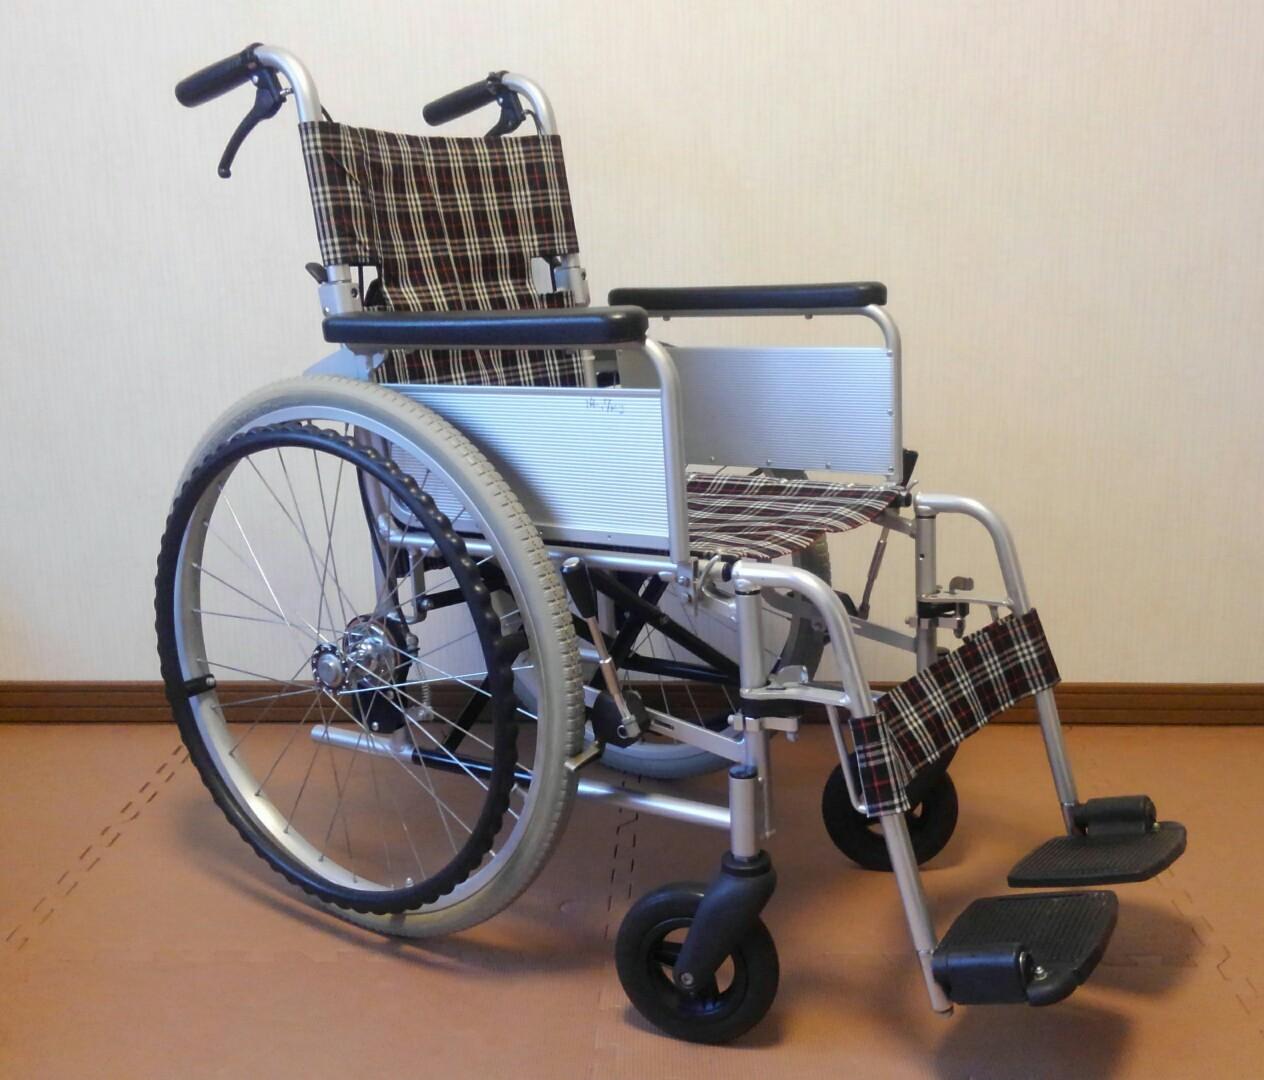 中古車椅子 OXエンジニアリングneo  日進医療機器_a0216771_10263059.jpg